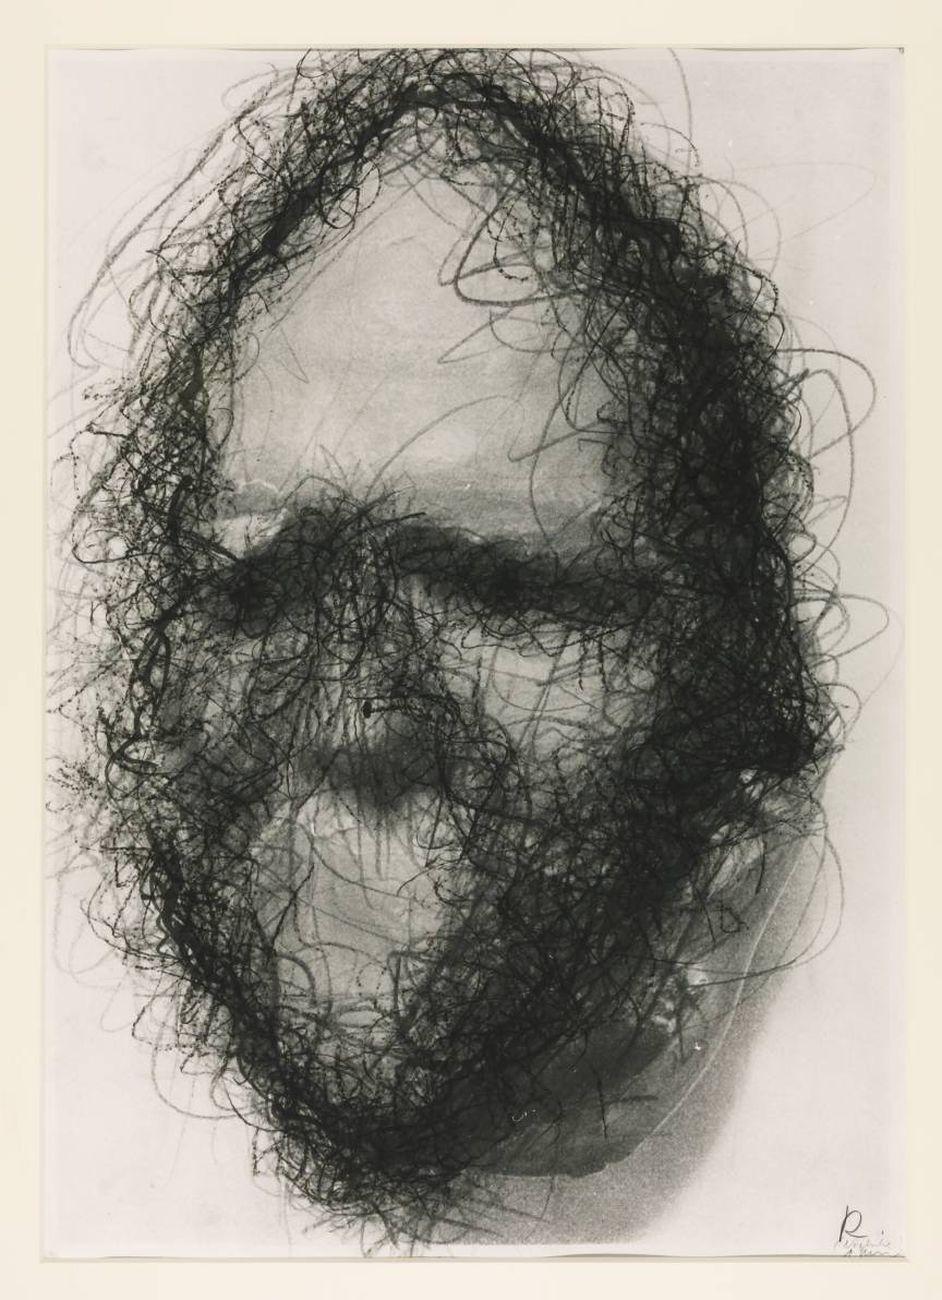 Arnulf Rainer, Johann Wolfgang von Goethe dalla serie Totenmasken, 1982 © Arnulf Rainer - Tate